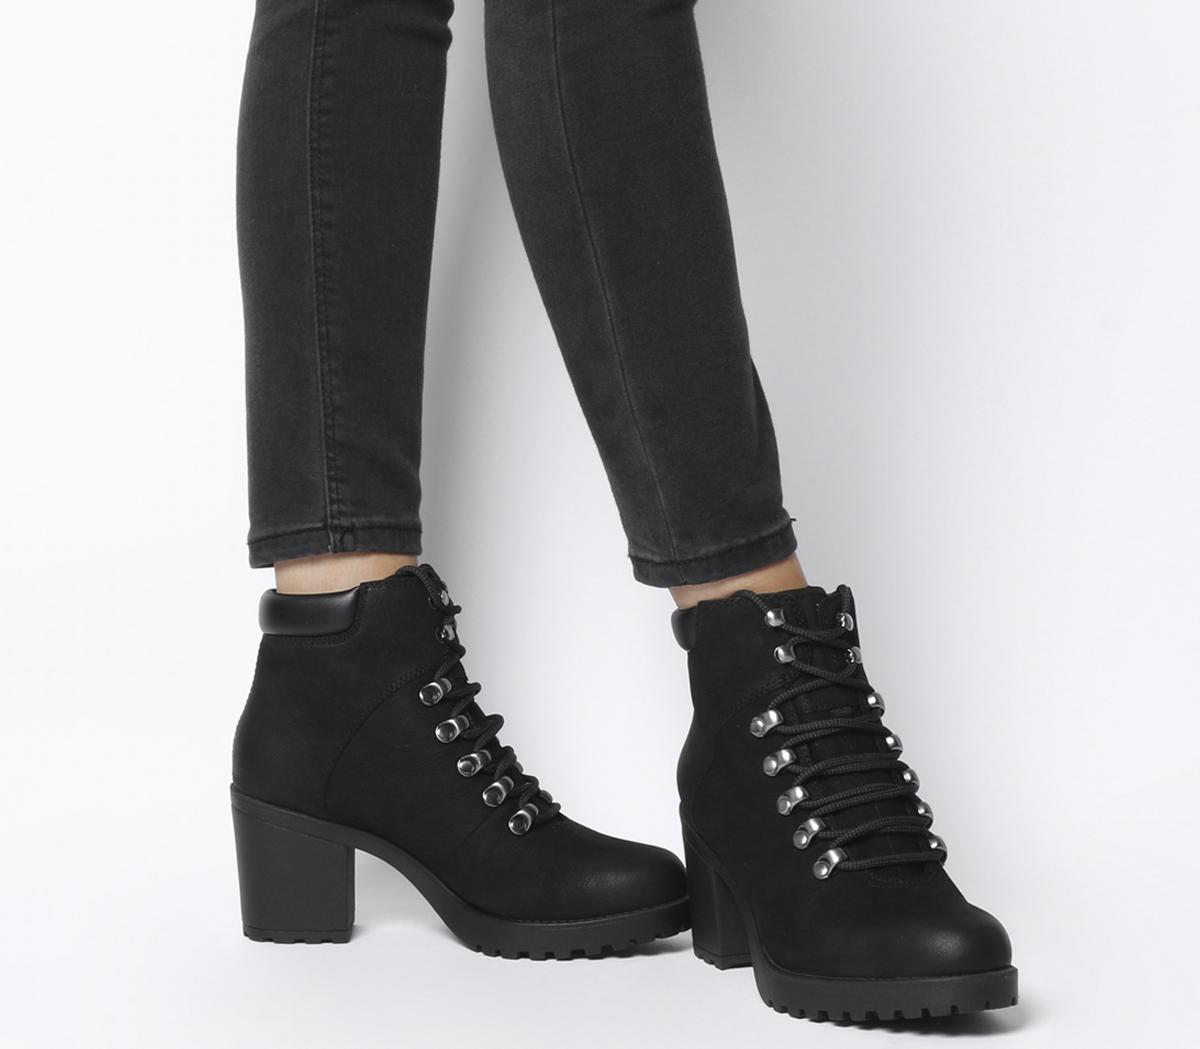 b0cf7e44aae4 Details about Womens Vagabond Grace Lace Heel Block Boots Black Nubuck Boots